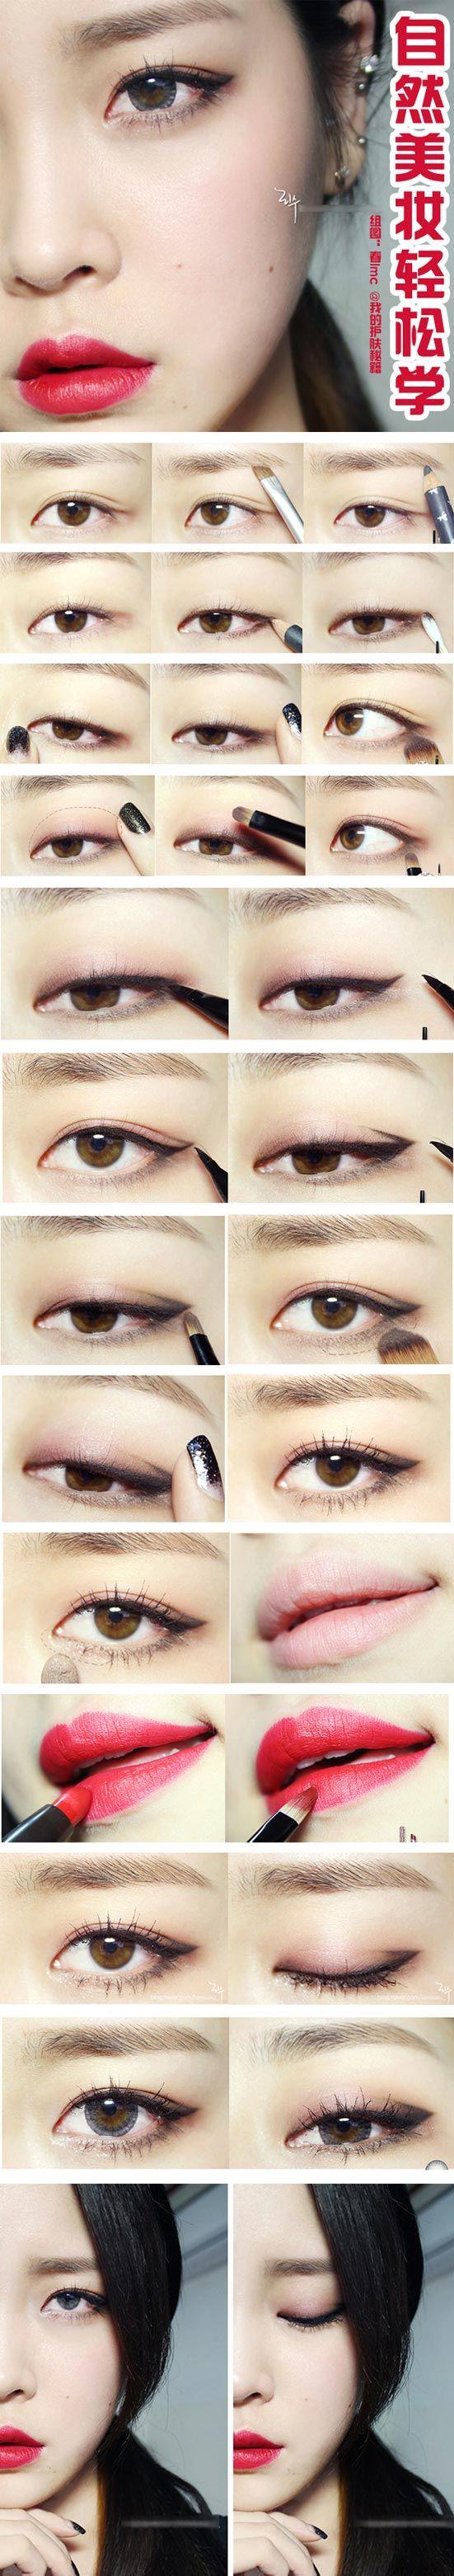 Korean Makeup More